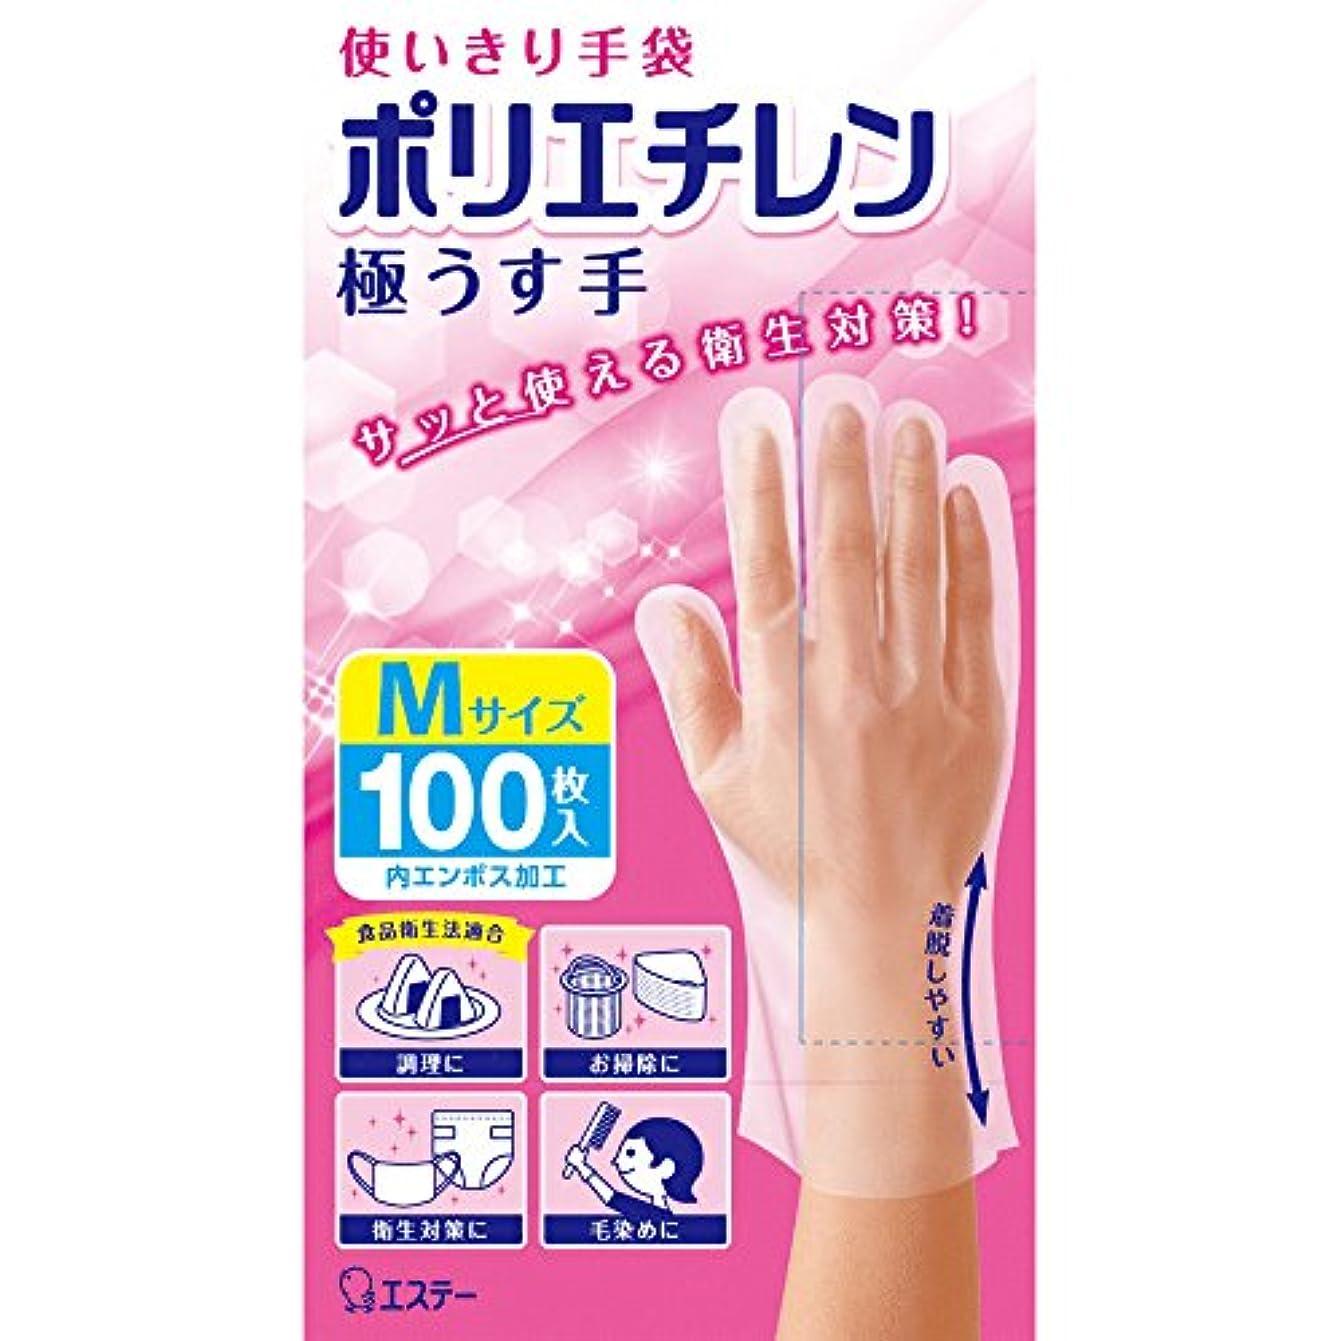 生産性所有者強風使いきり手袋 ポリエチレン 極うす手 Mサイズ 半透明 100枚 使い捨て 食品衛生法適合